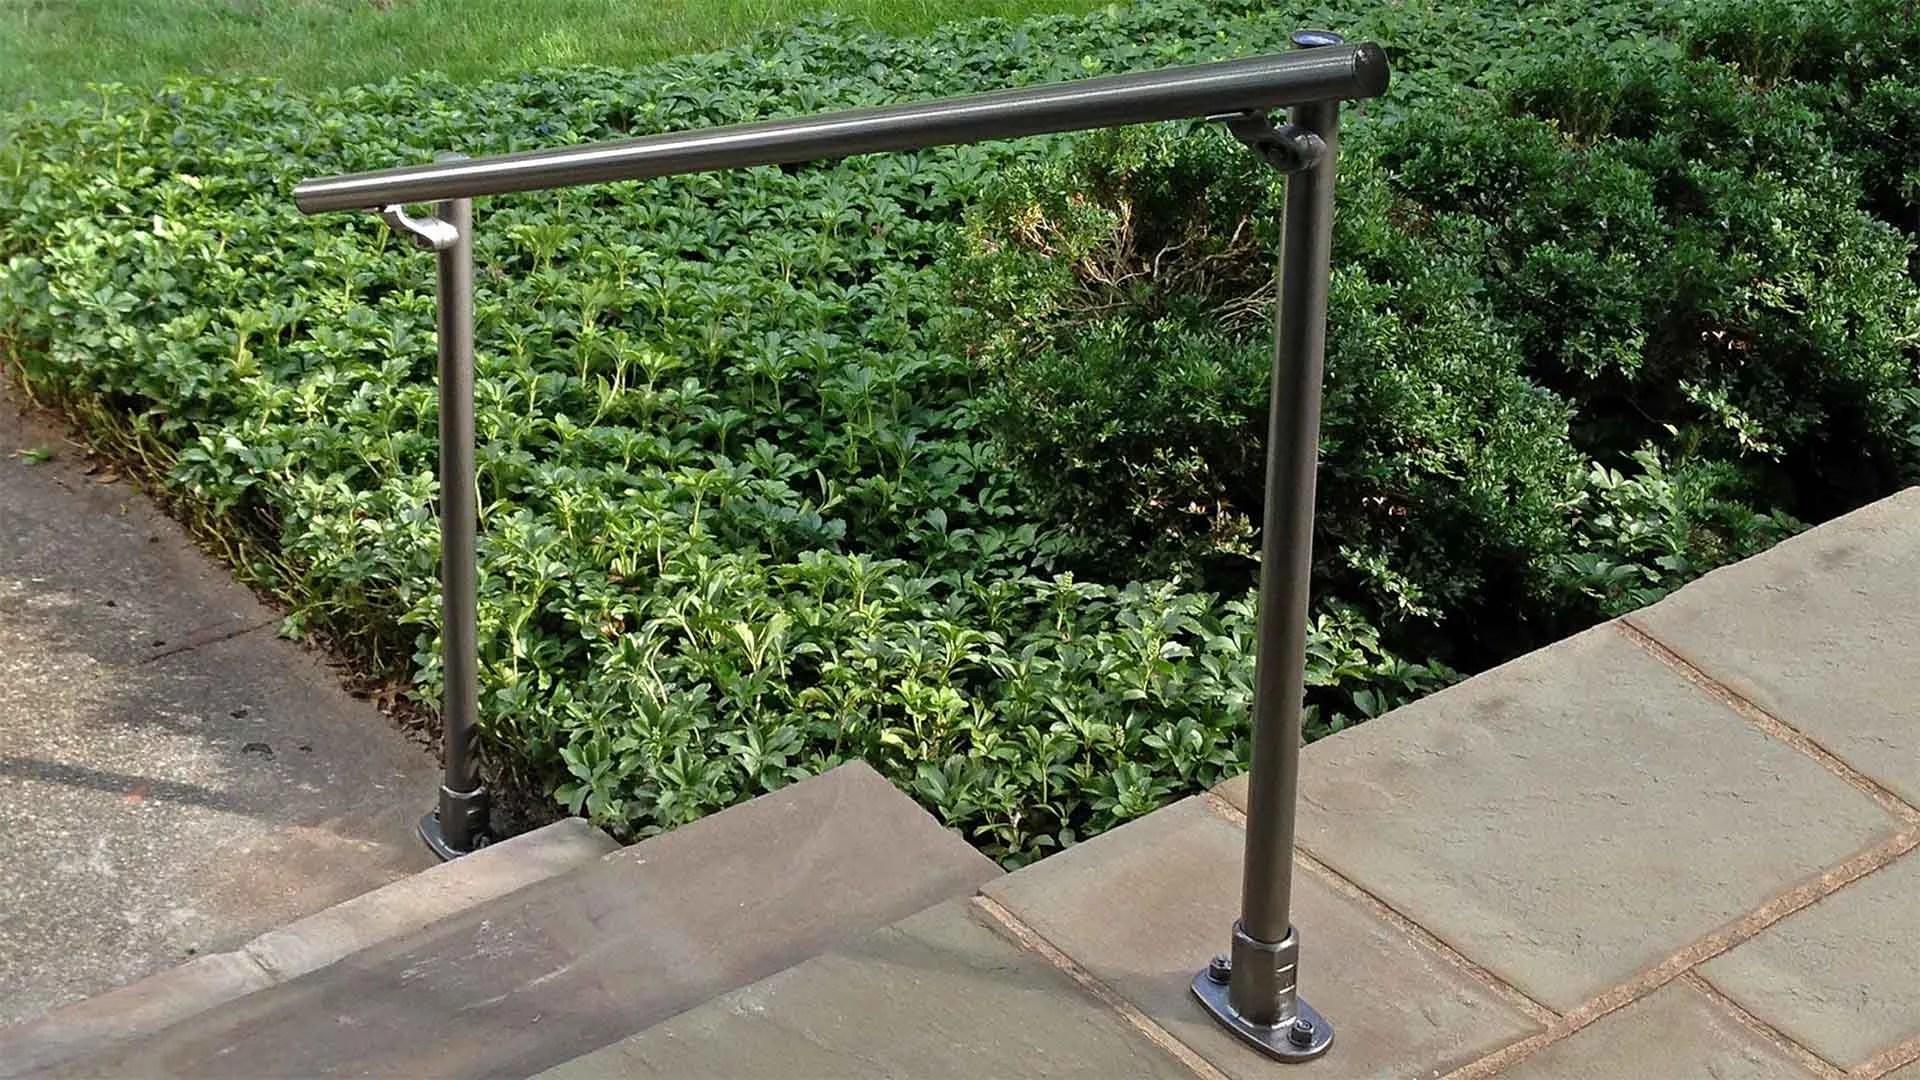 Outdoor Stair Railing Kit Buy Step Handrail Online Simplified | Outdoor Metal Stair Railing | Ornamental | Banister | Custom | Urban Metal Deck | Garden